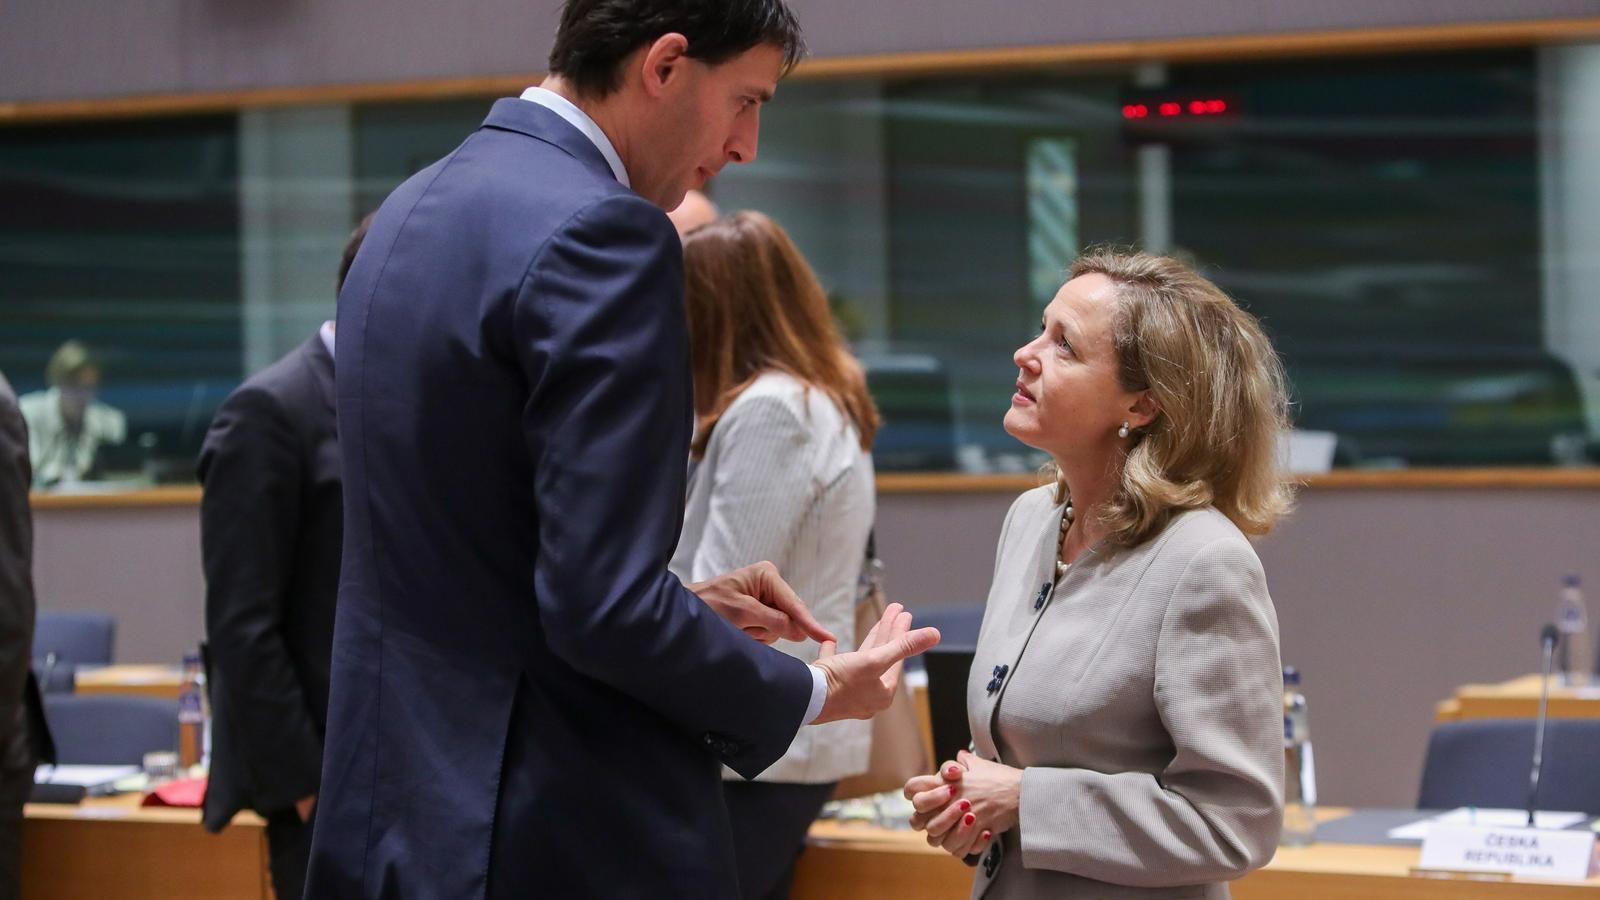 Fracàs de l'Eurogrup després de 16 hores de reunió: la divisió encalla la resposta econòmica al coronavirus